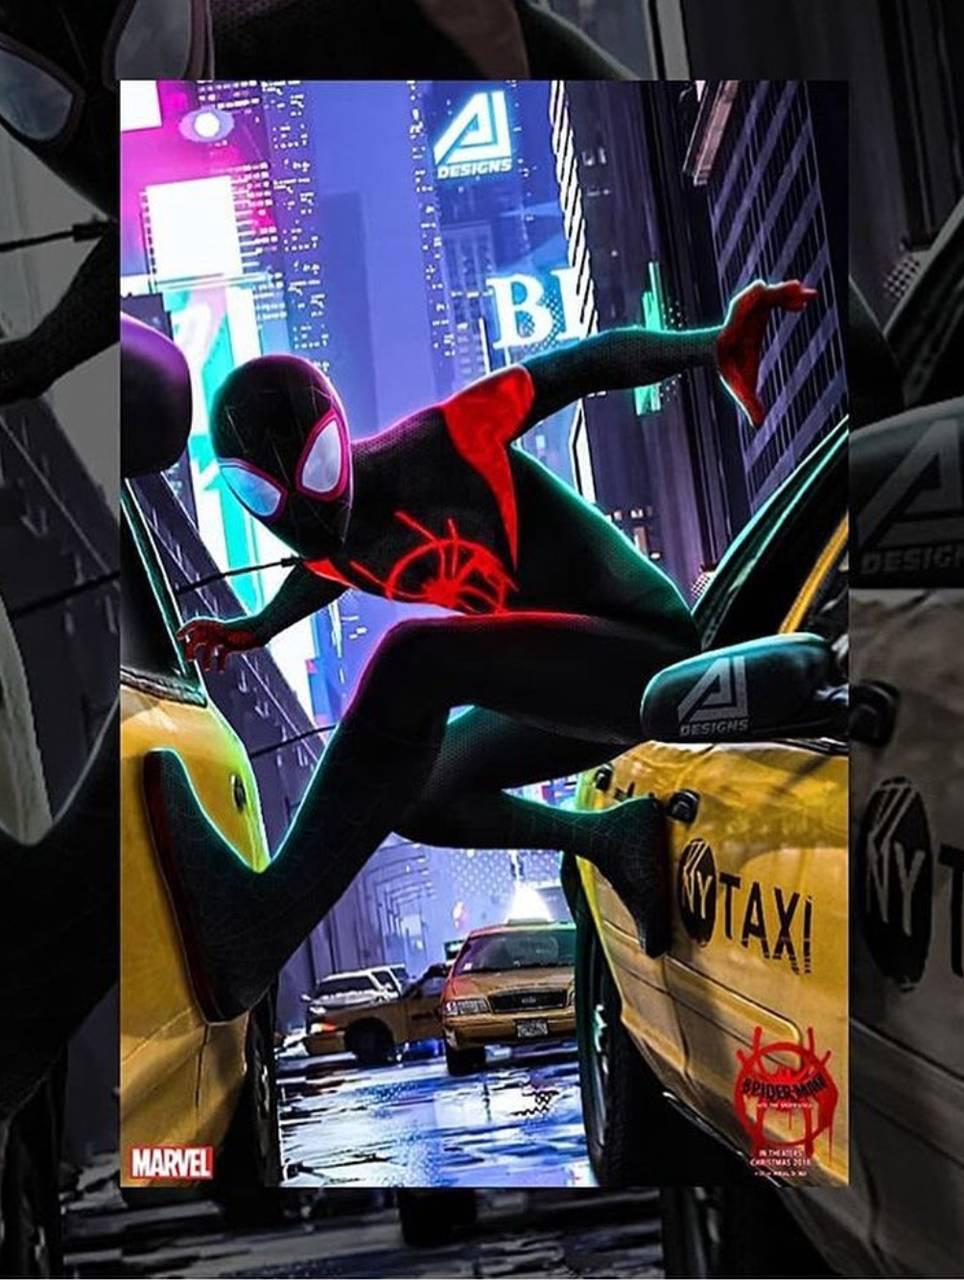 Mile Spiderman